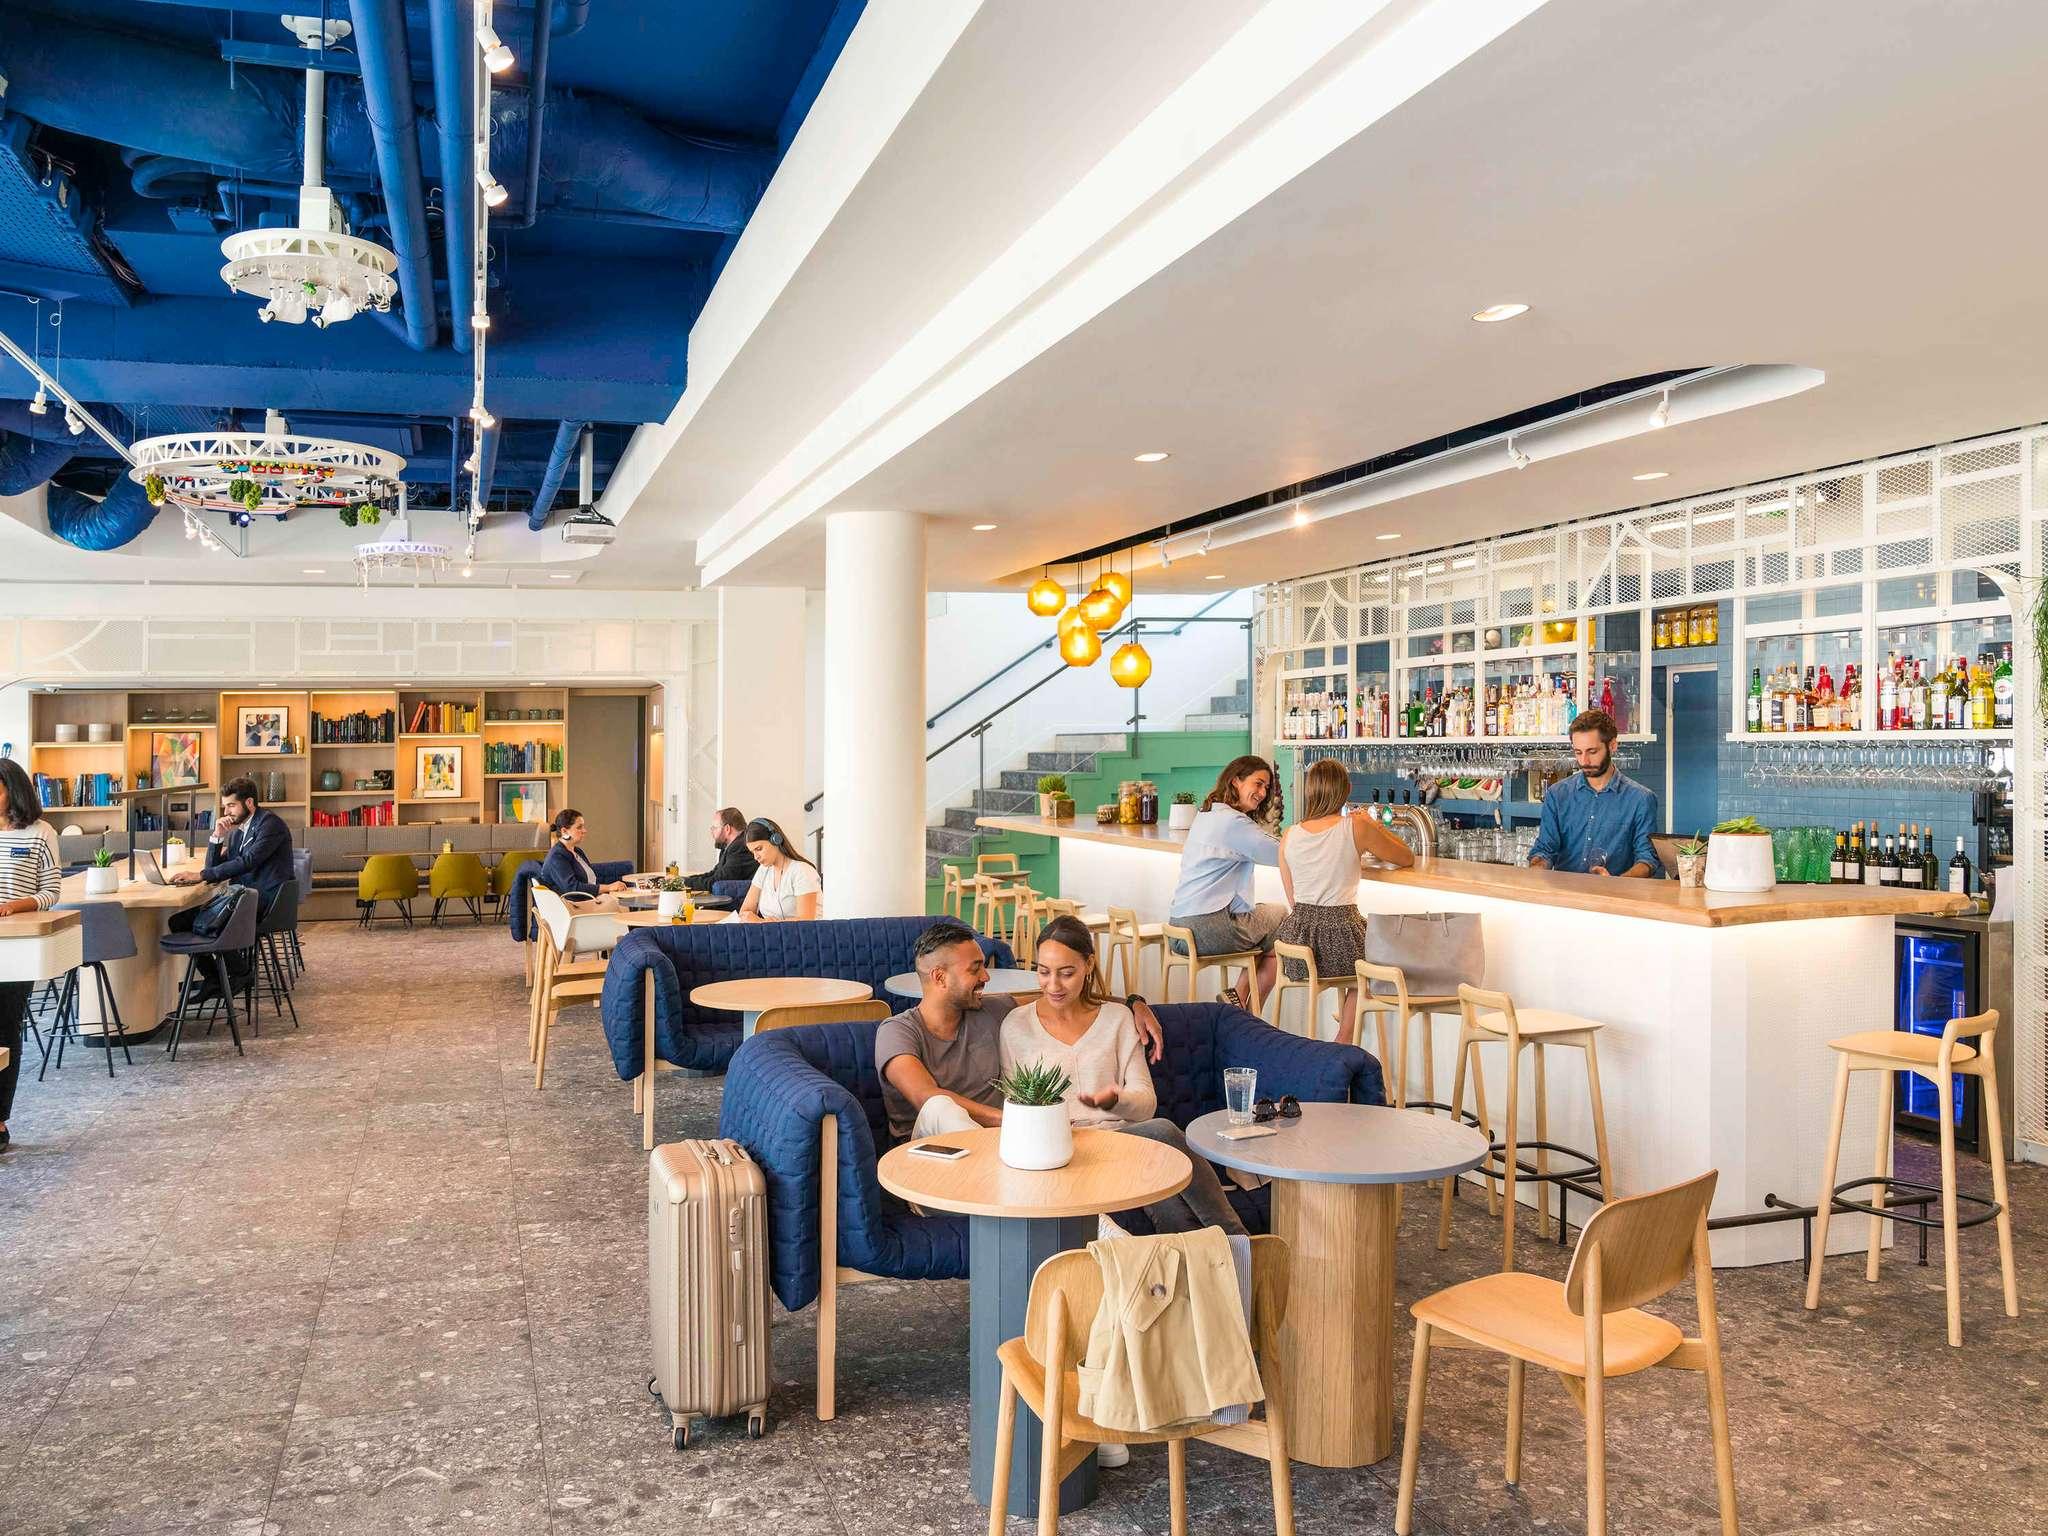 โรงแรม – โนโวเทล ปารีส การ์ มงต์ปาร์นาส